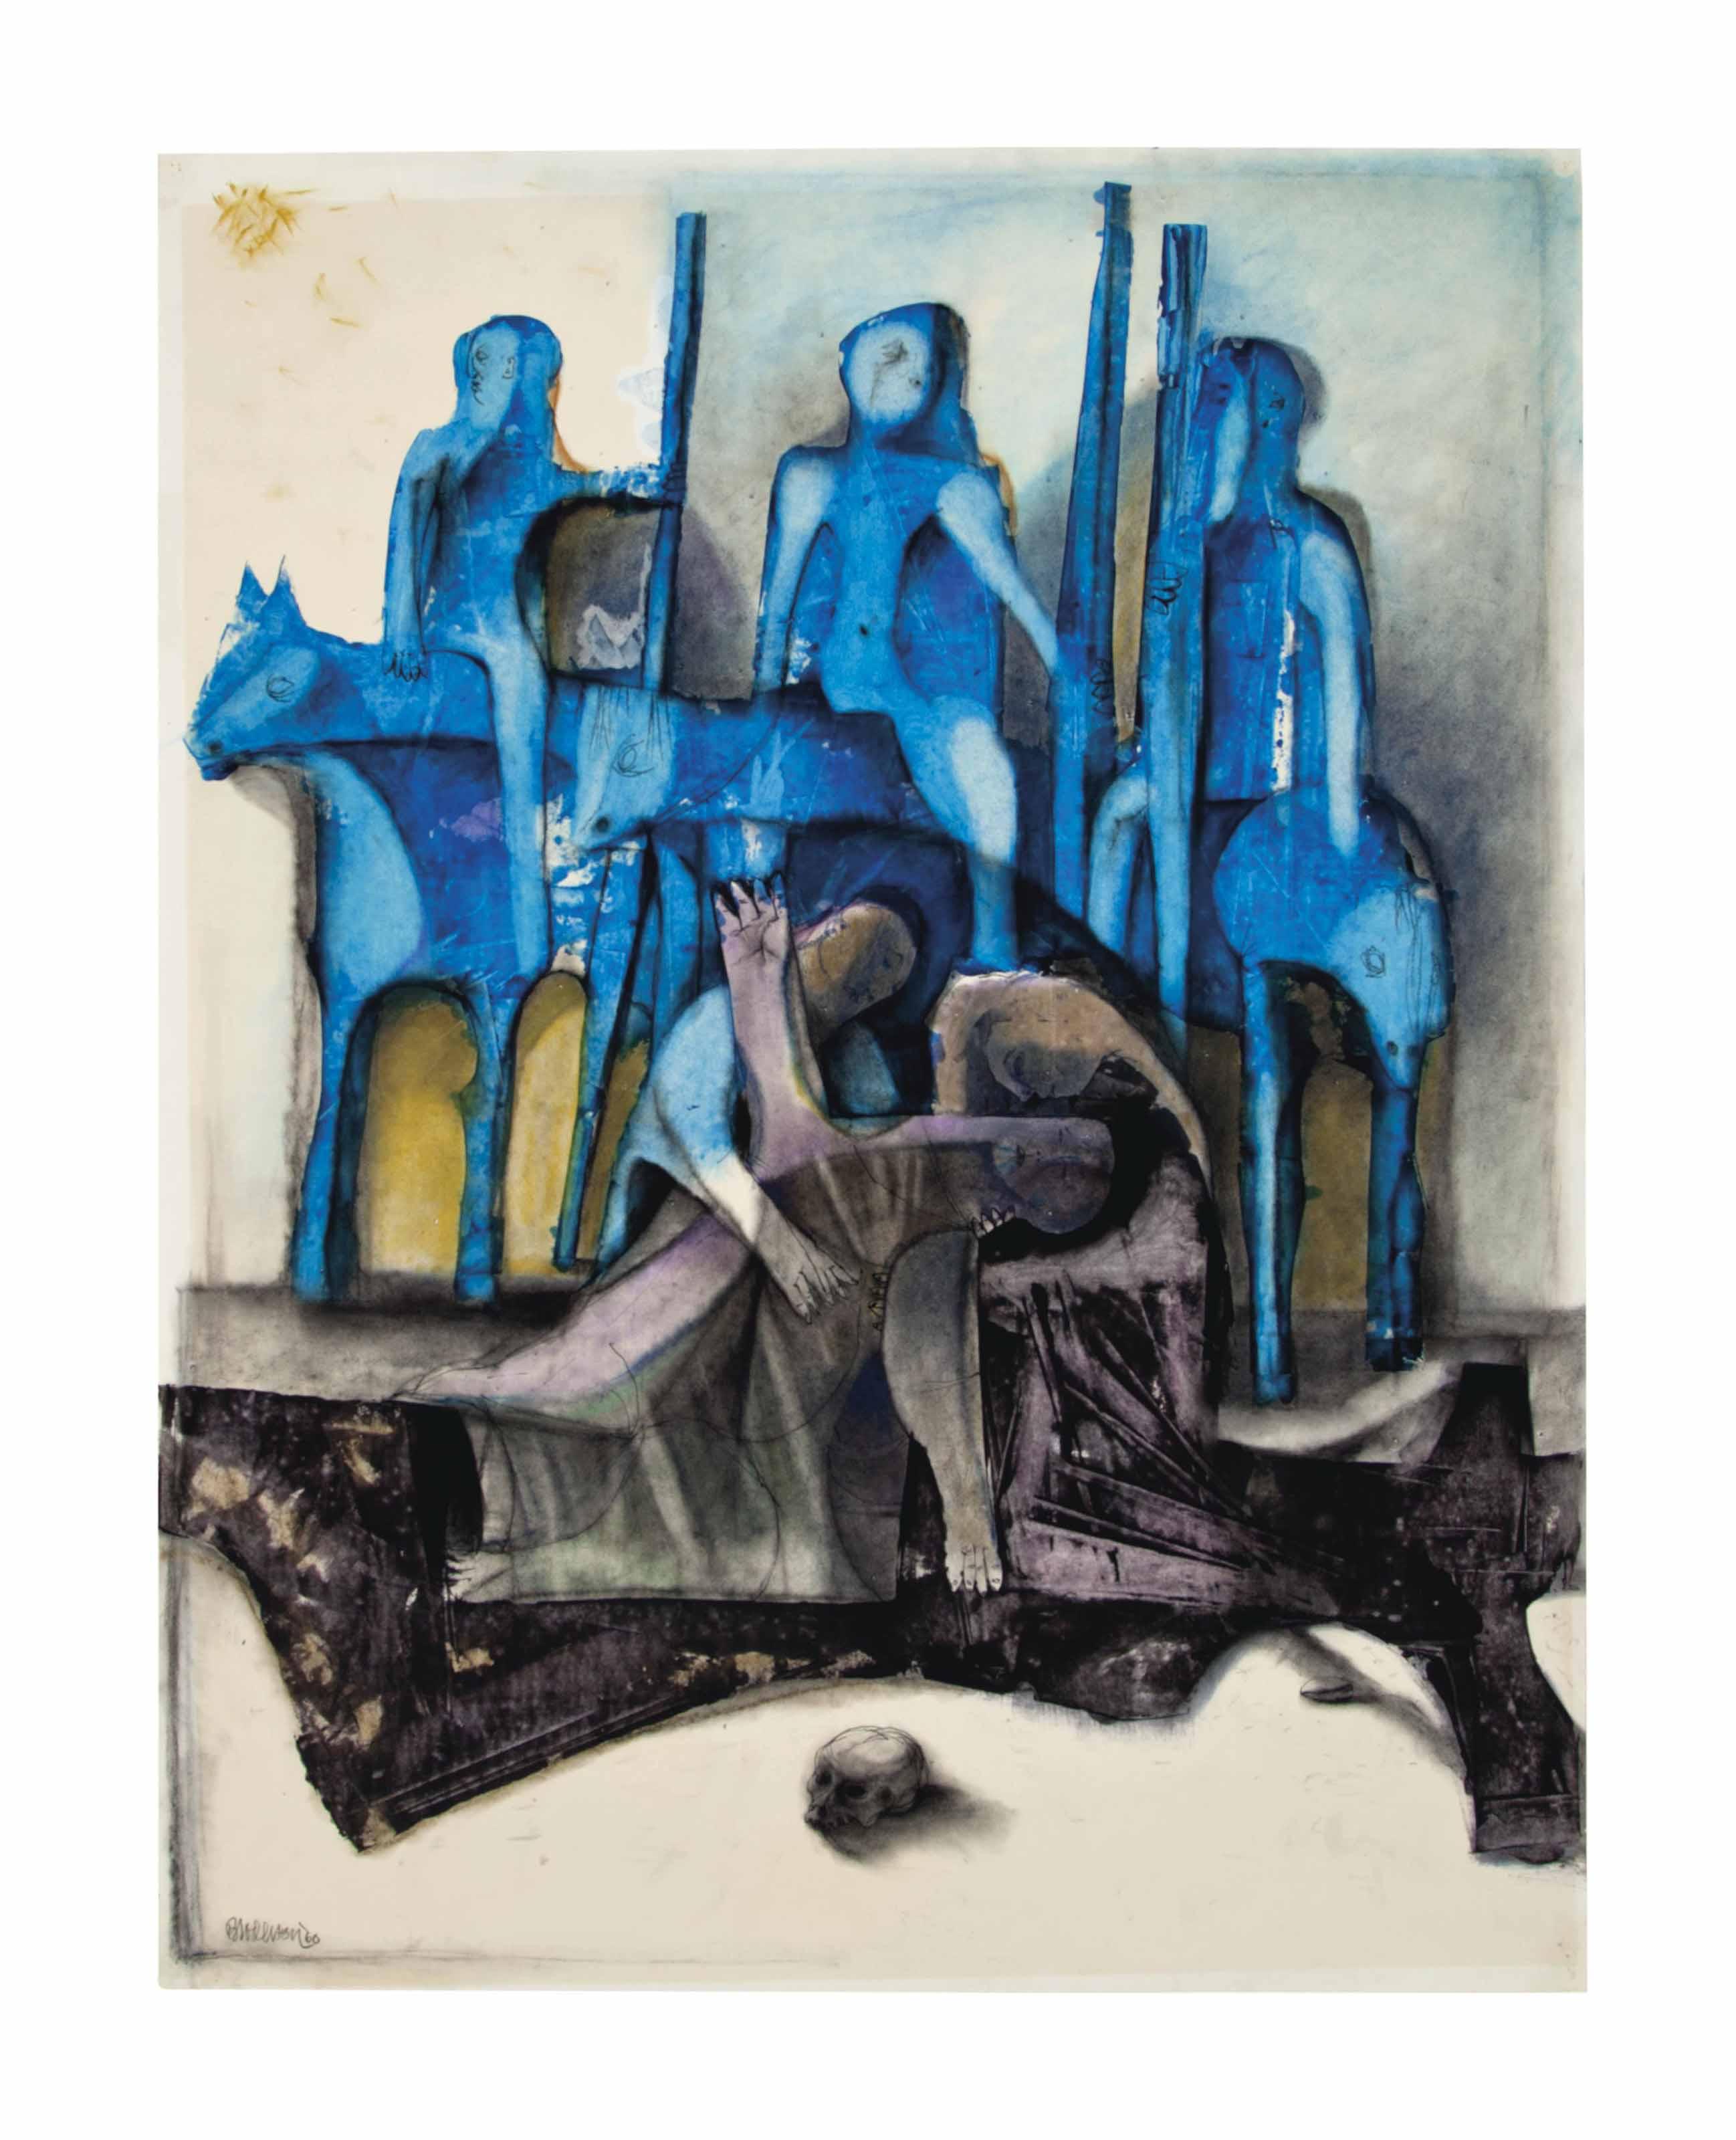 Crucifixion No. 4